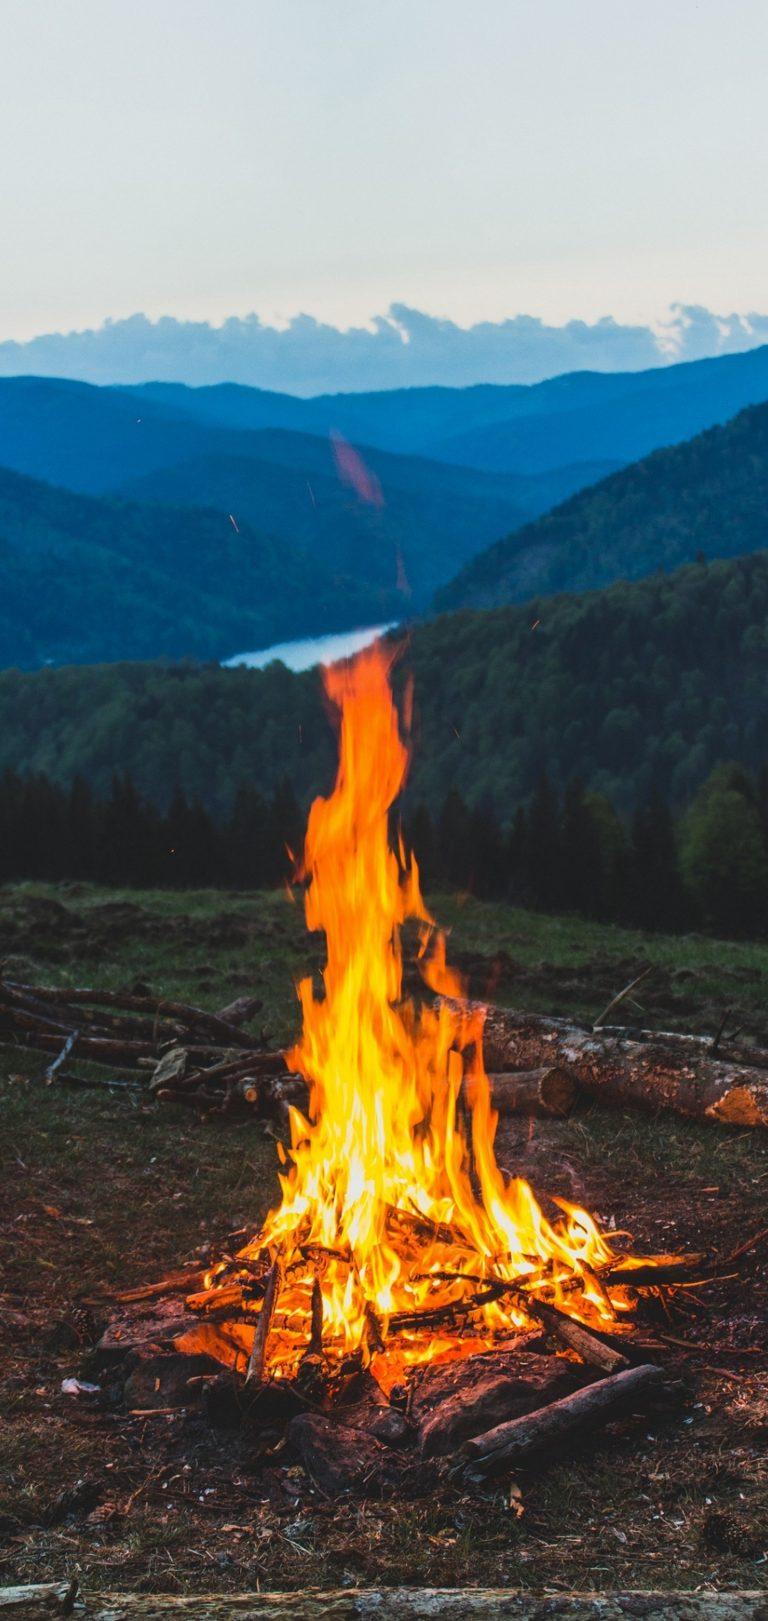 Fire Wallpaper Iphone X Firewood Campfire Mountain Wallpaper 1440x3040